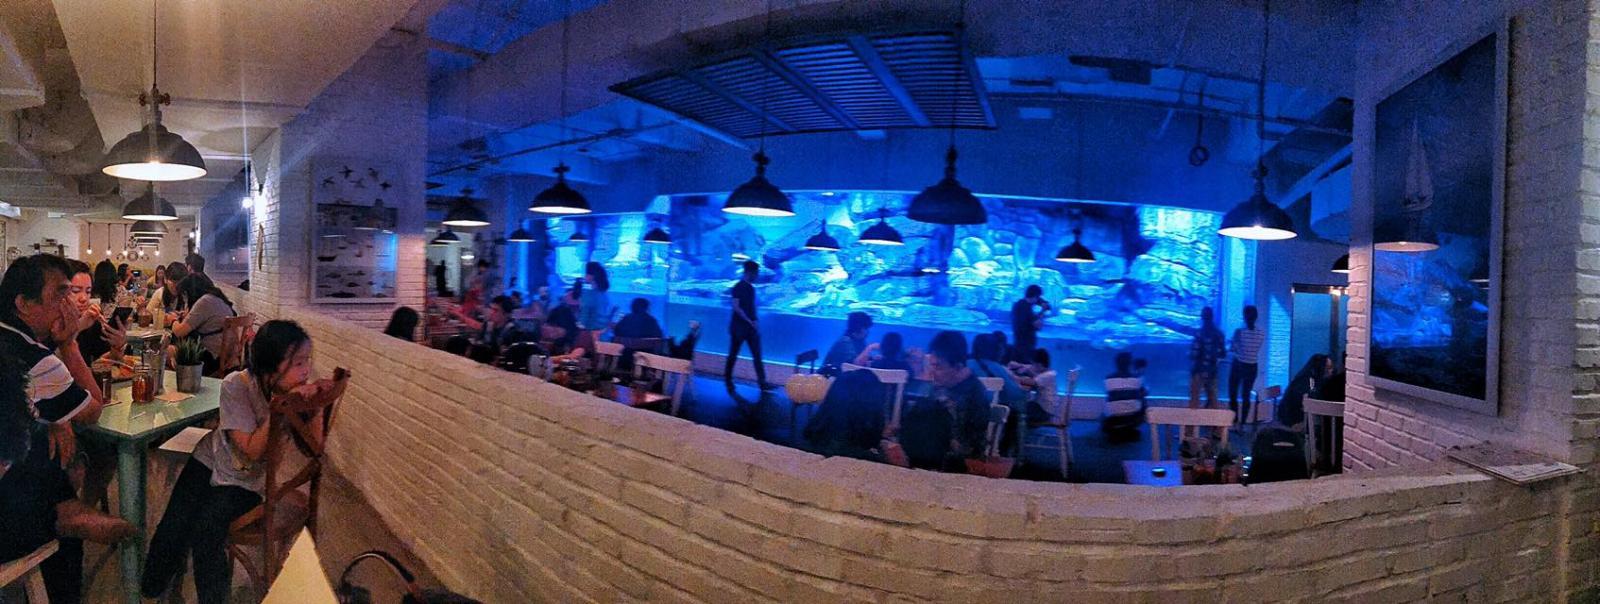 Pingoo Resto Tempat Makan Keren Di Jakarta